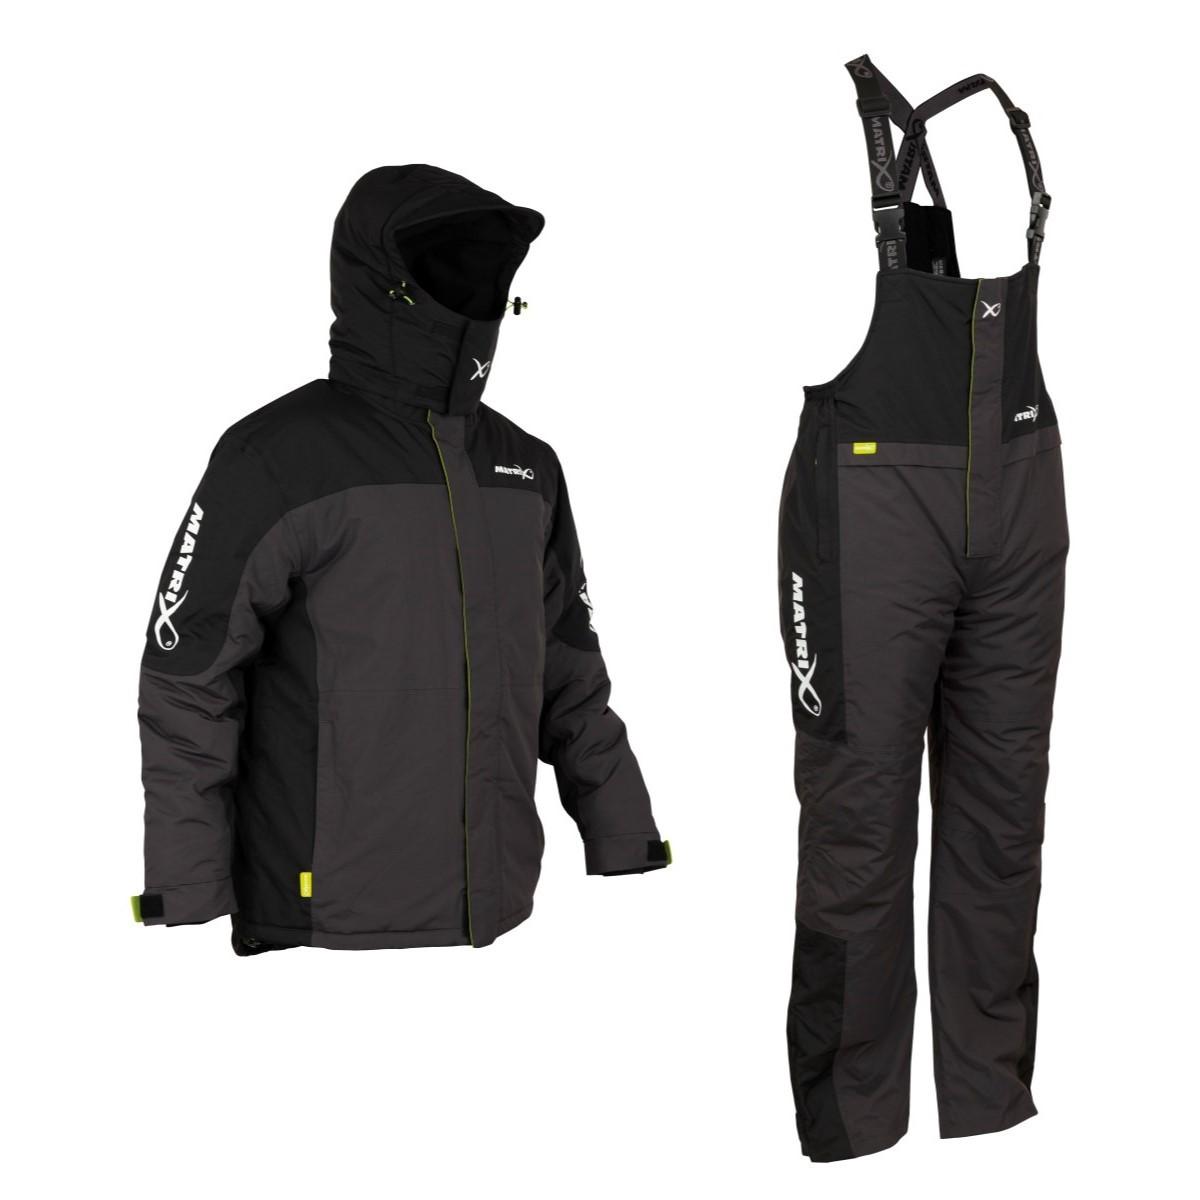 Зимен комплект дрехи Matrix Winter Suit